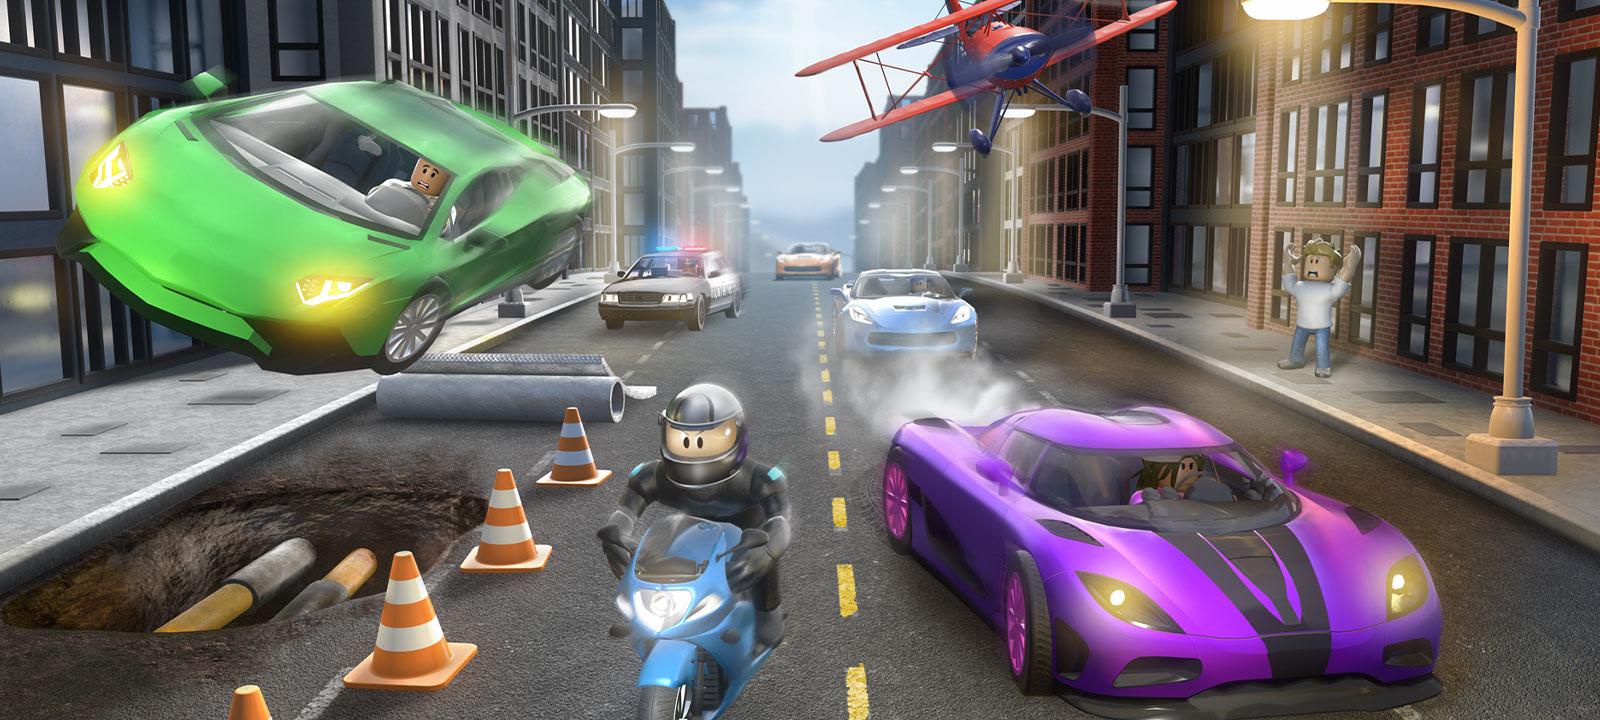 Персонаж из Roblox Vehicle Simulator на мотоцикле, преследуемый другими транспортными средствами на городской улице